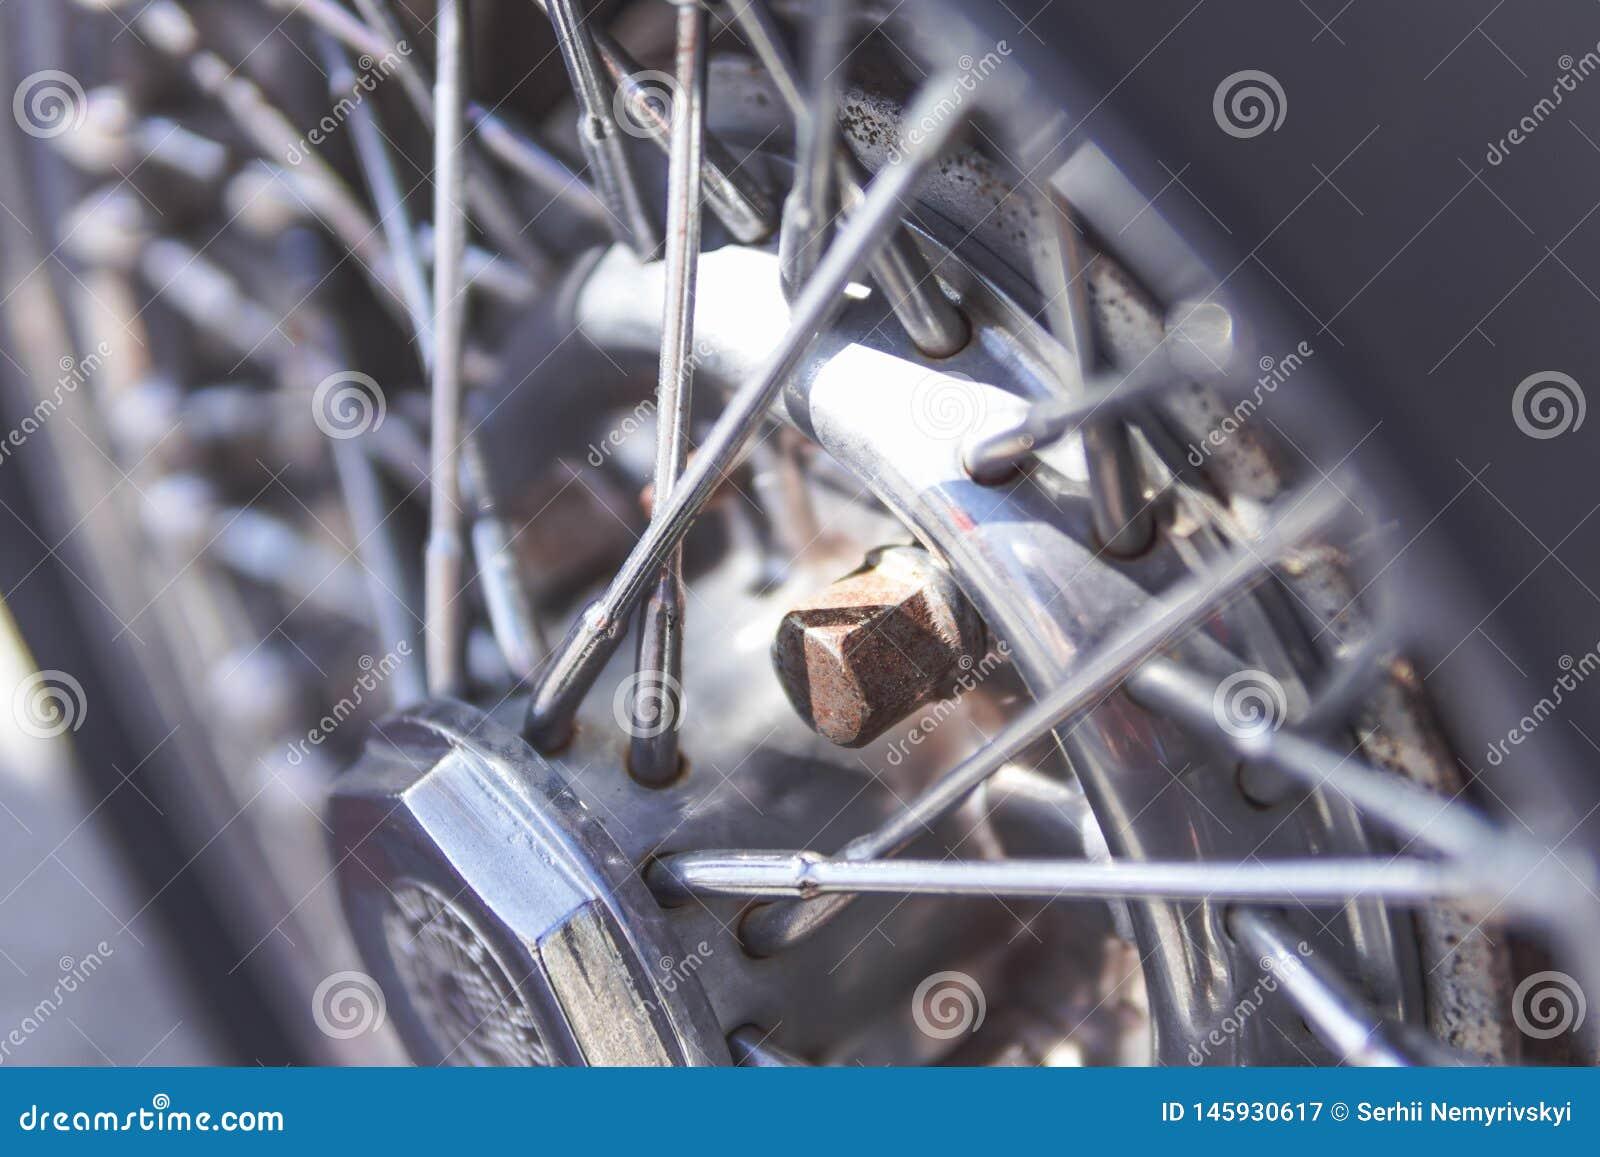 Detail der Wagenräder, Oldtimer